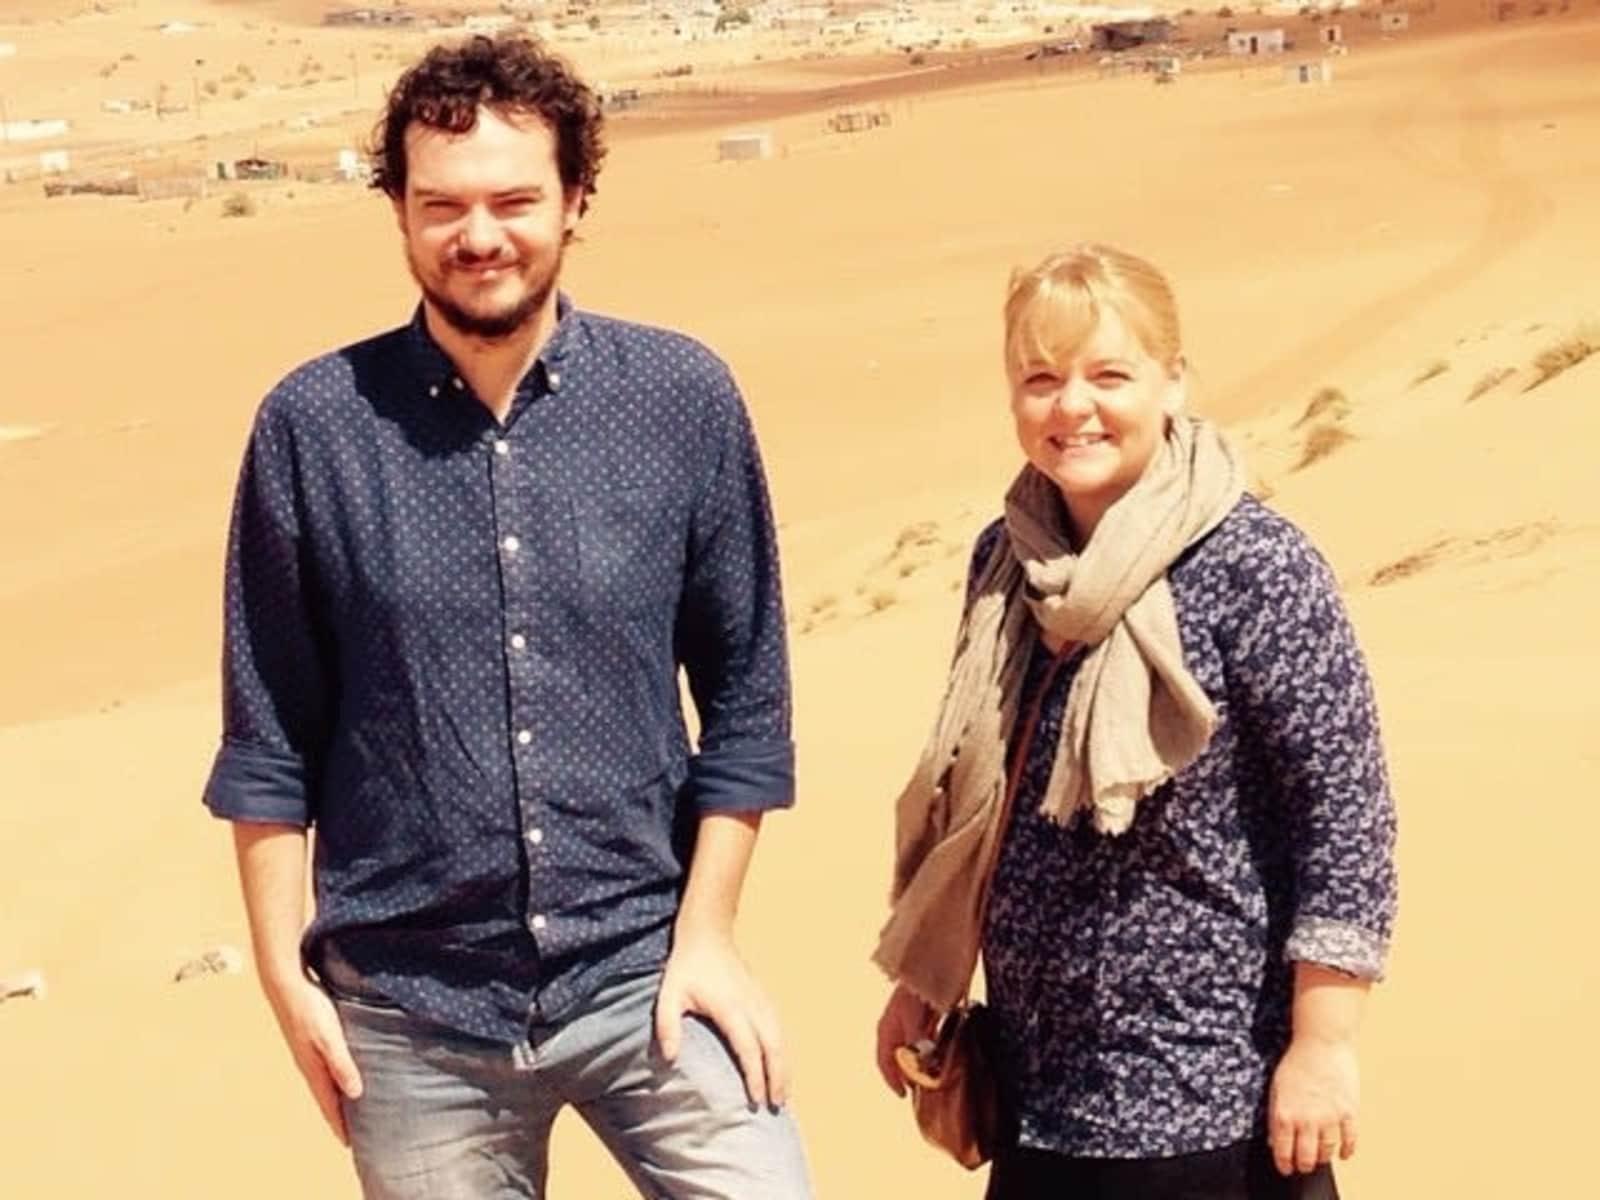 Elizabeth & William from Ibrā', Oman